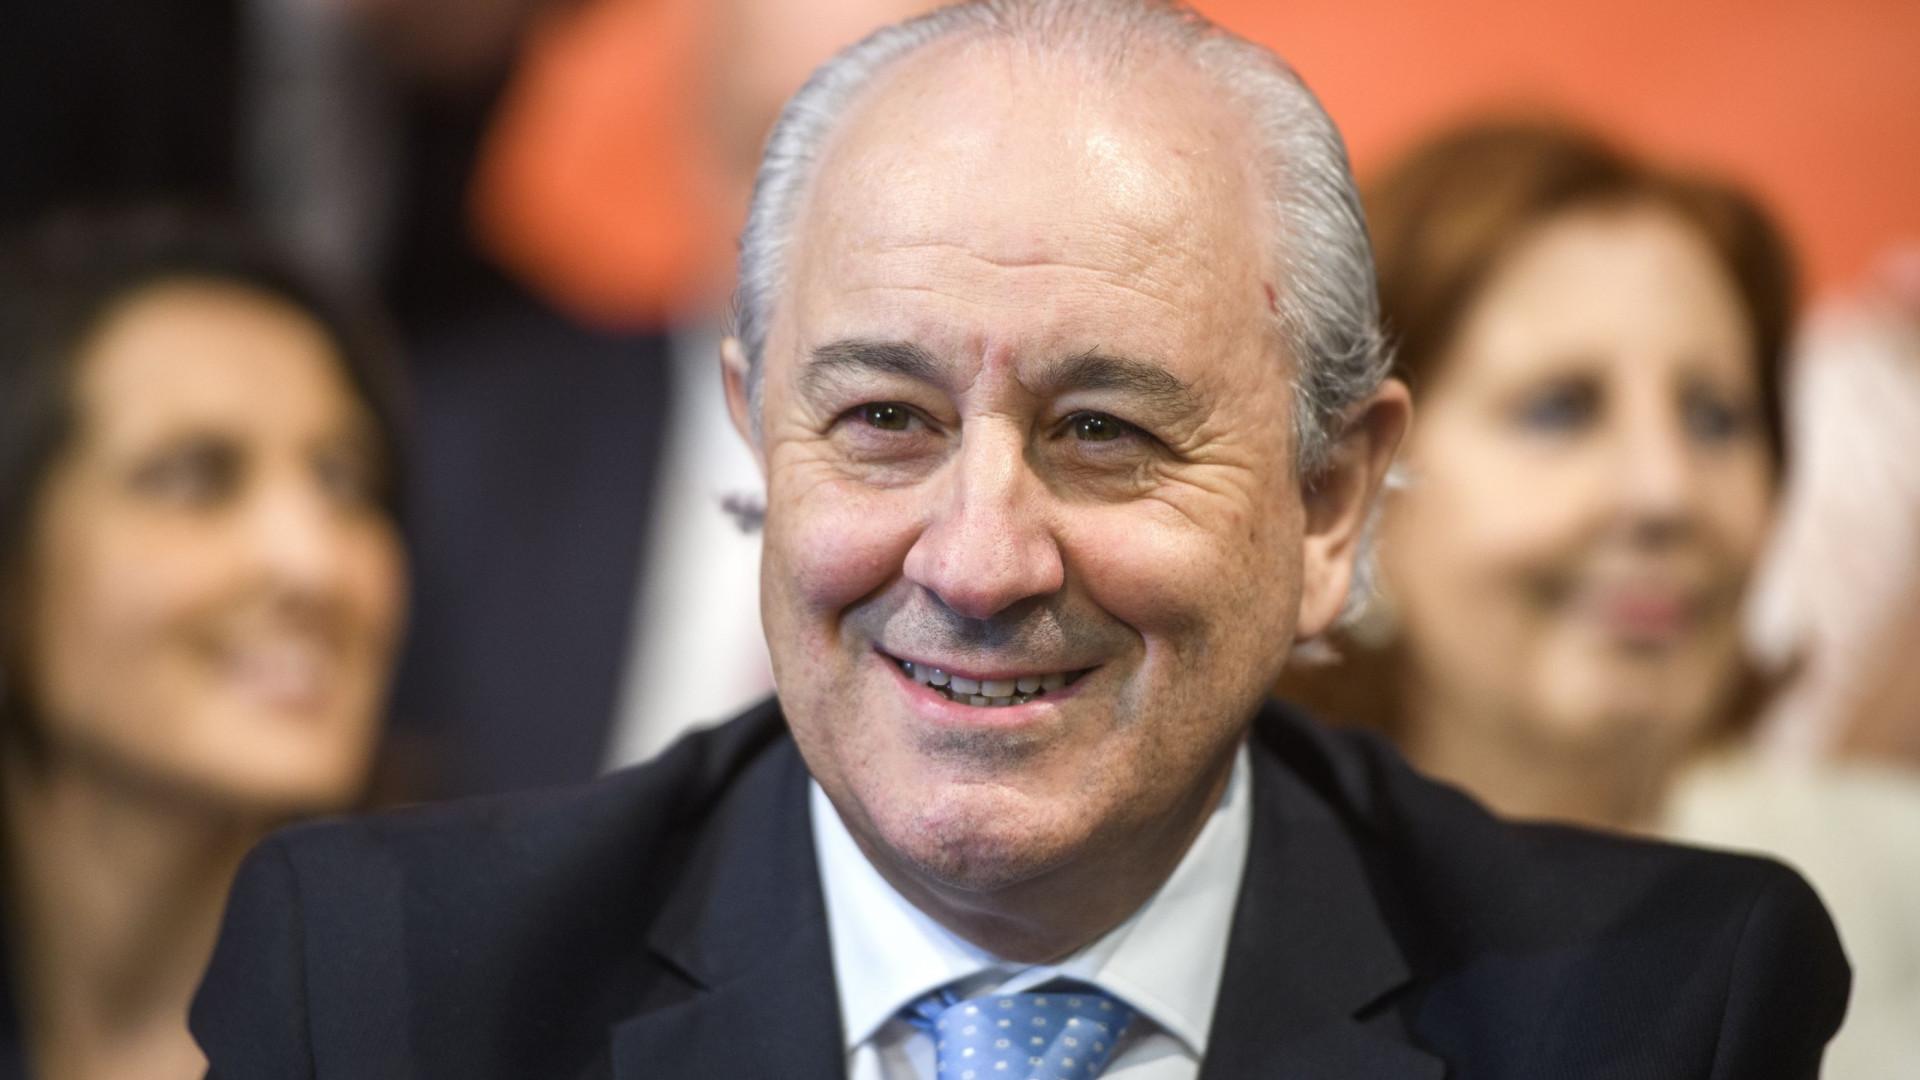 Rio vai recandidatar-se. 'Por Portugal, sou candidato' à liderança do PSD